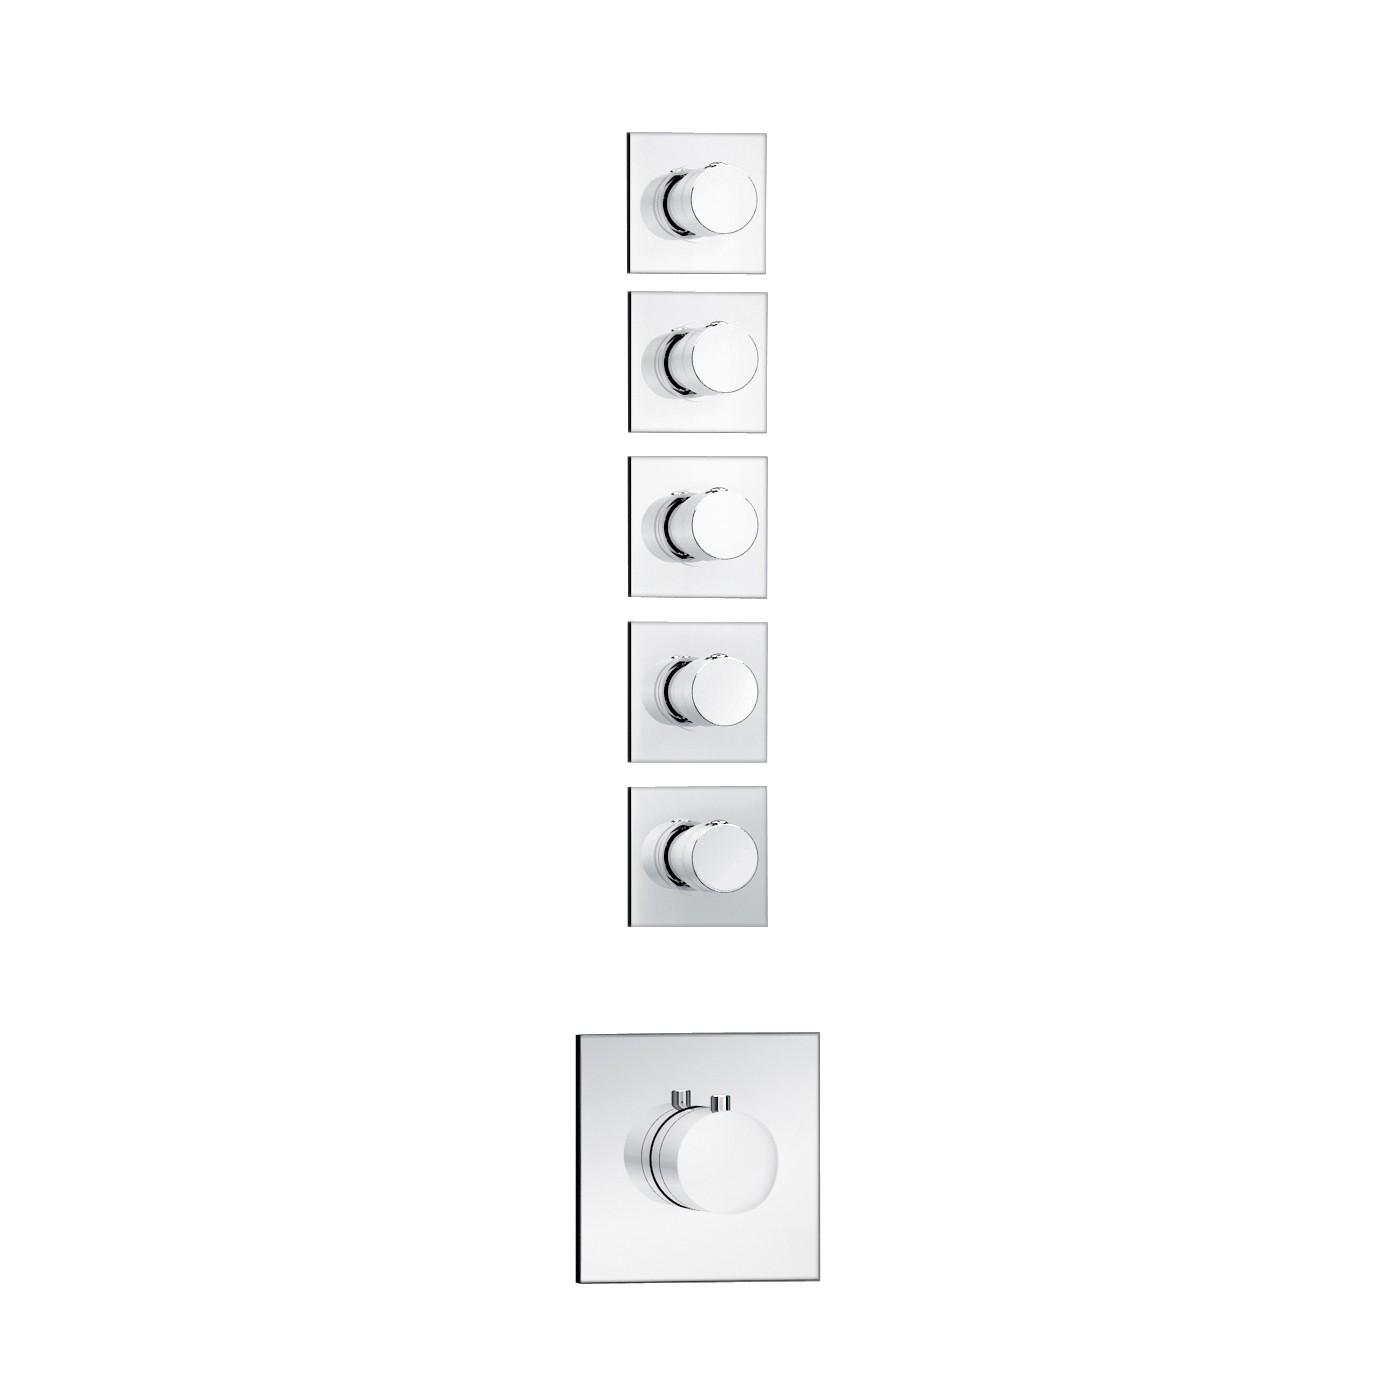 Armaturen dusche unterputz  Soho 5 Wege Unterputz Thermostat Armatur Armaturen Dusche (Unterputz)